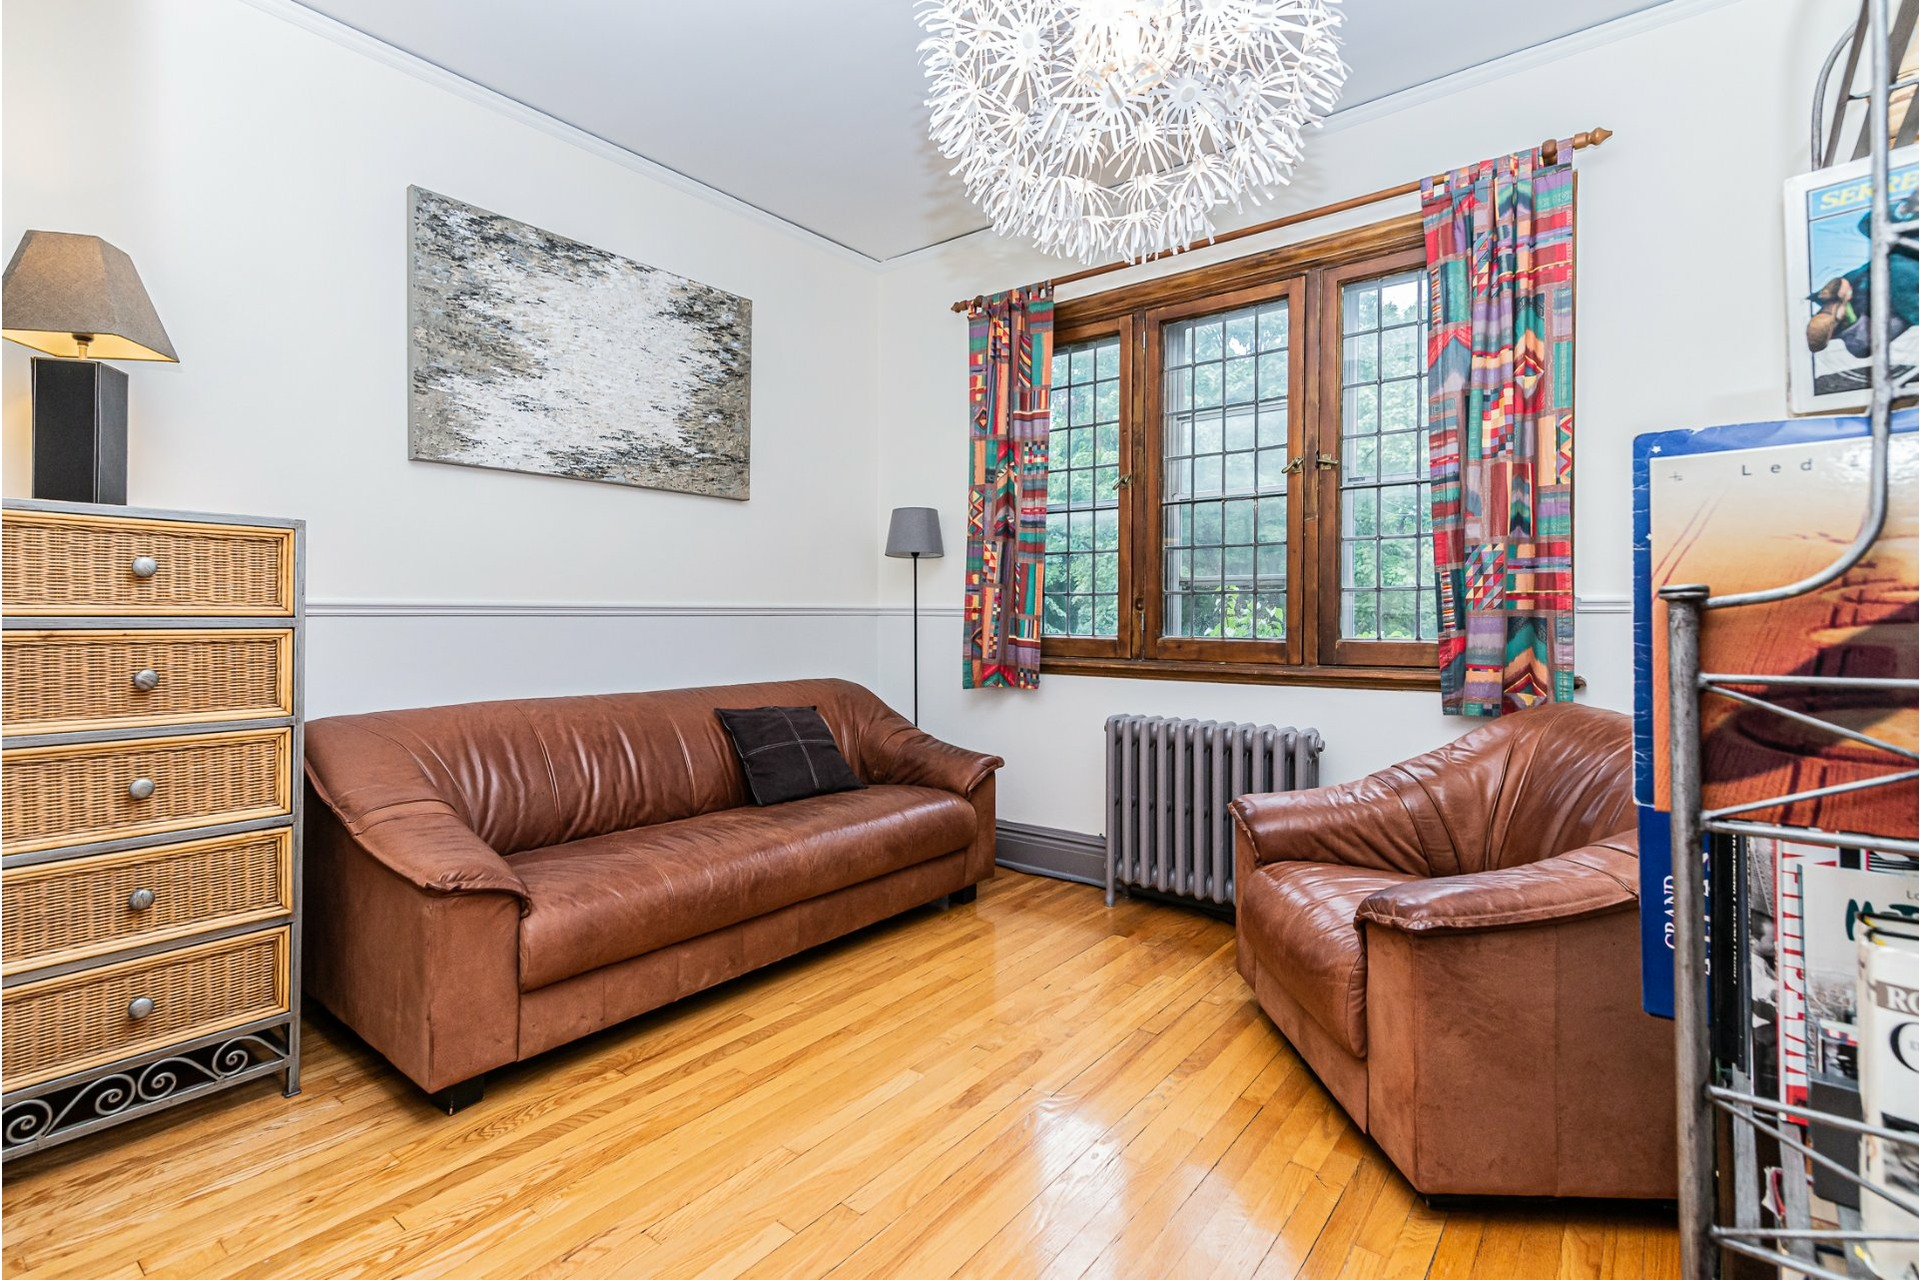 image 20 - House For rent Côte-des-Neiges/Notre-Dame-de-Grâce Montréal  - 9 rooms